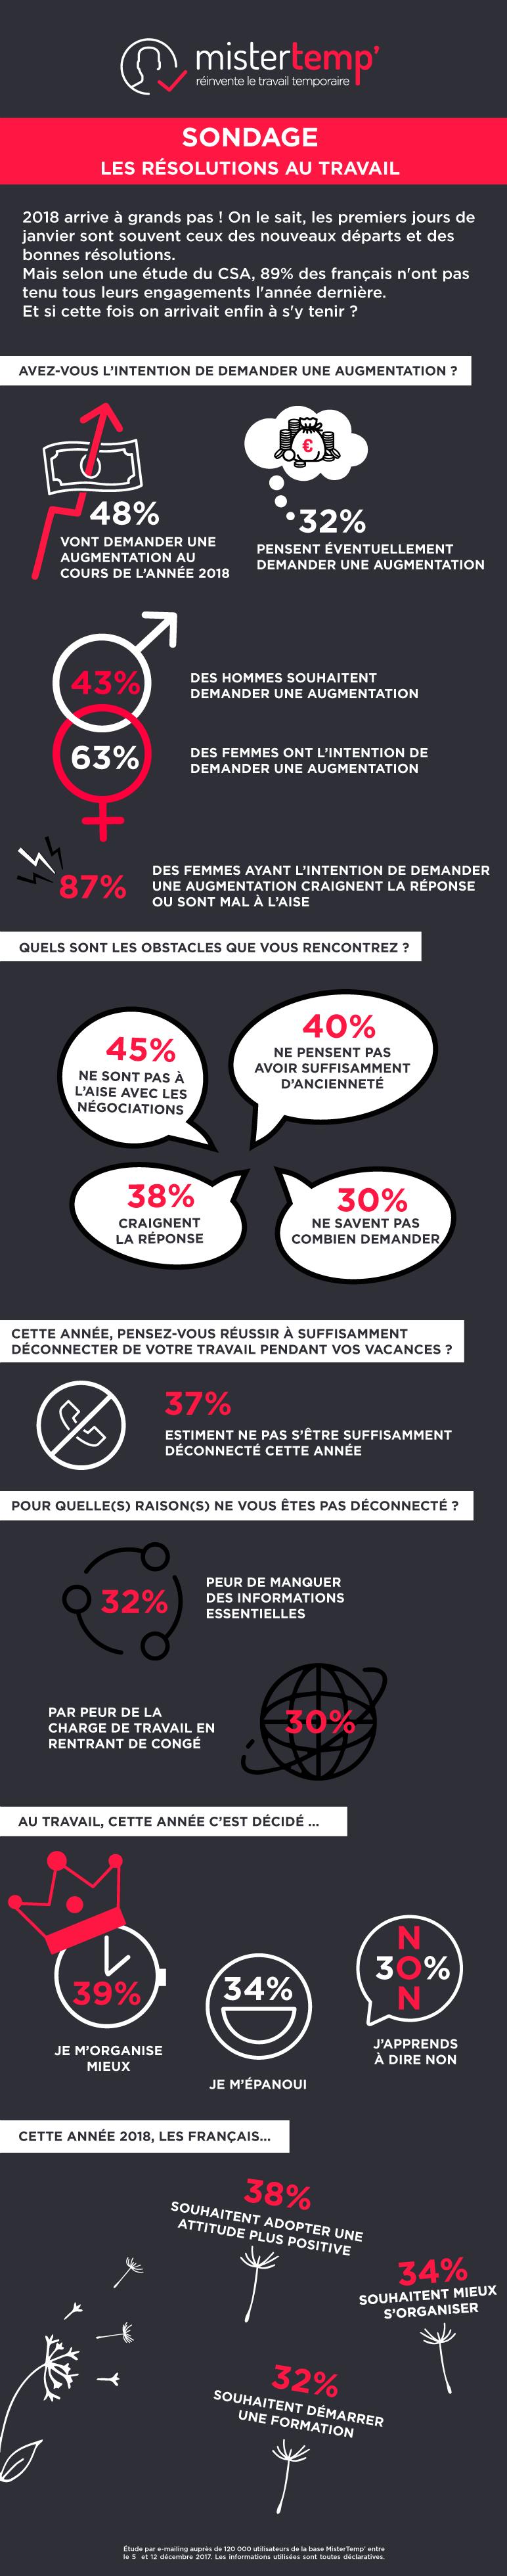 sondage-mistertemp-résolutions-travail-2018